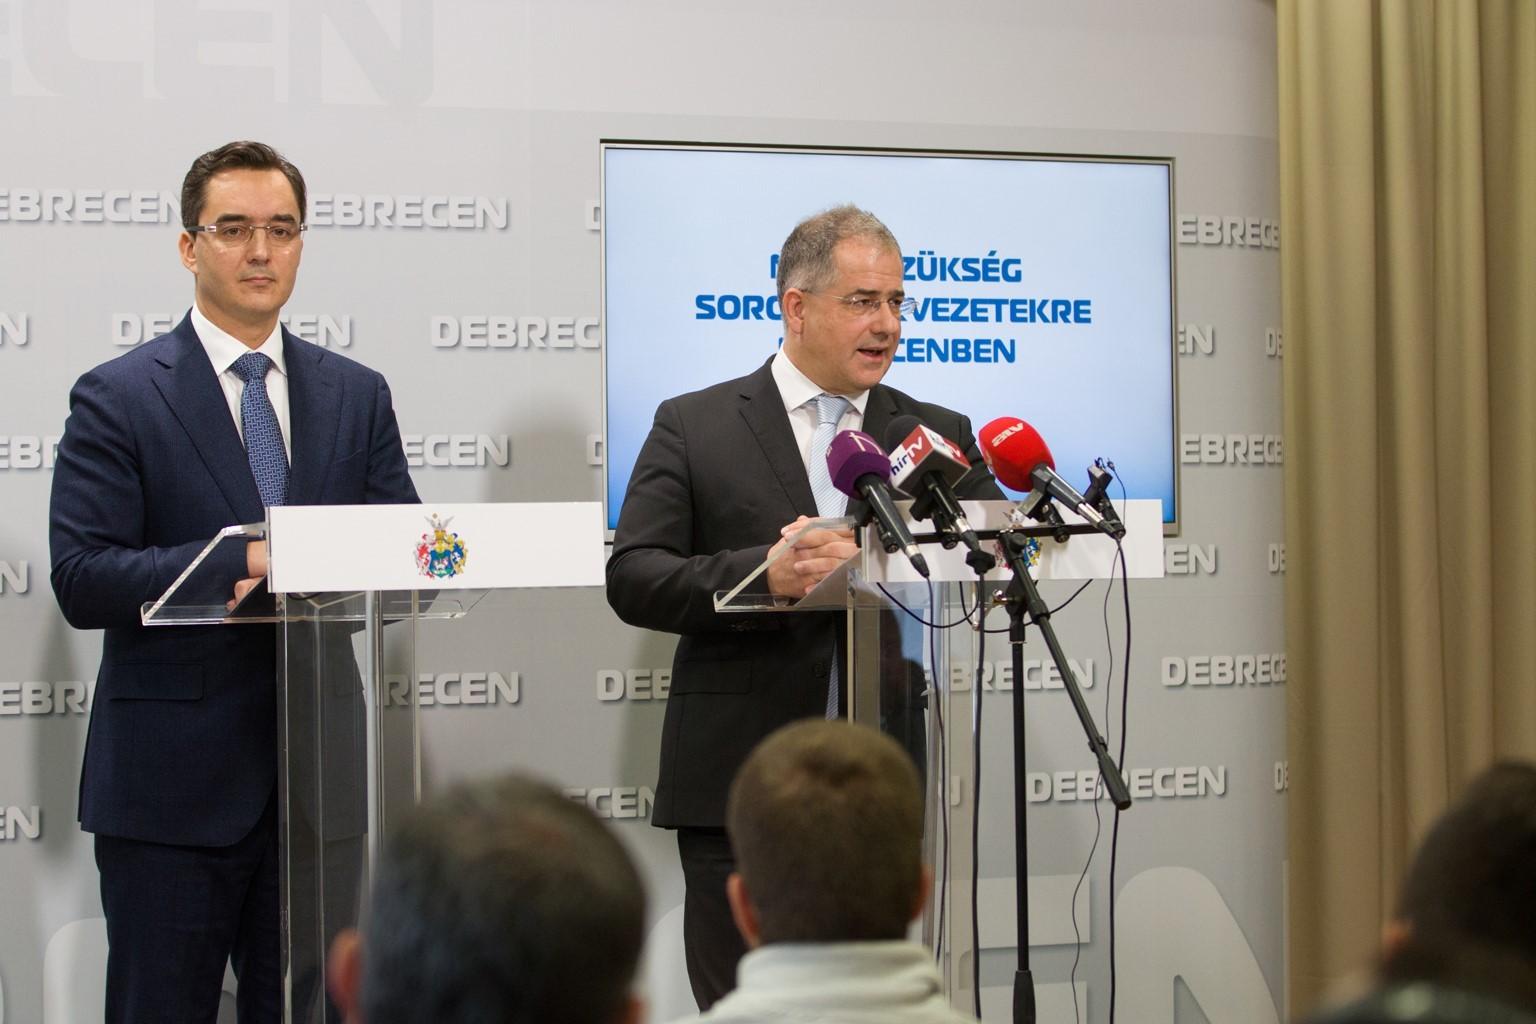 Papp László: Debrecenben nincs szükség álcivil szervezetre